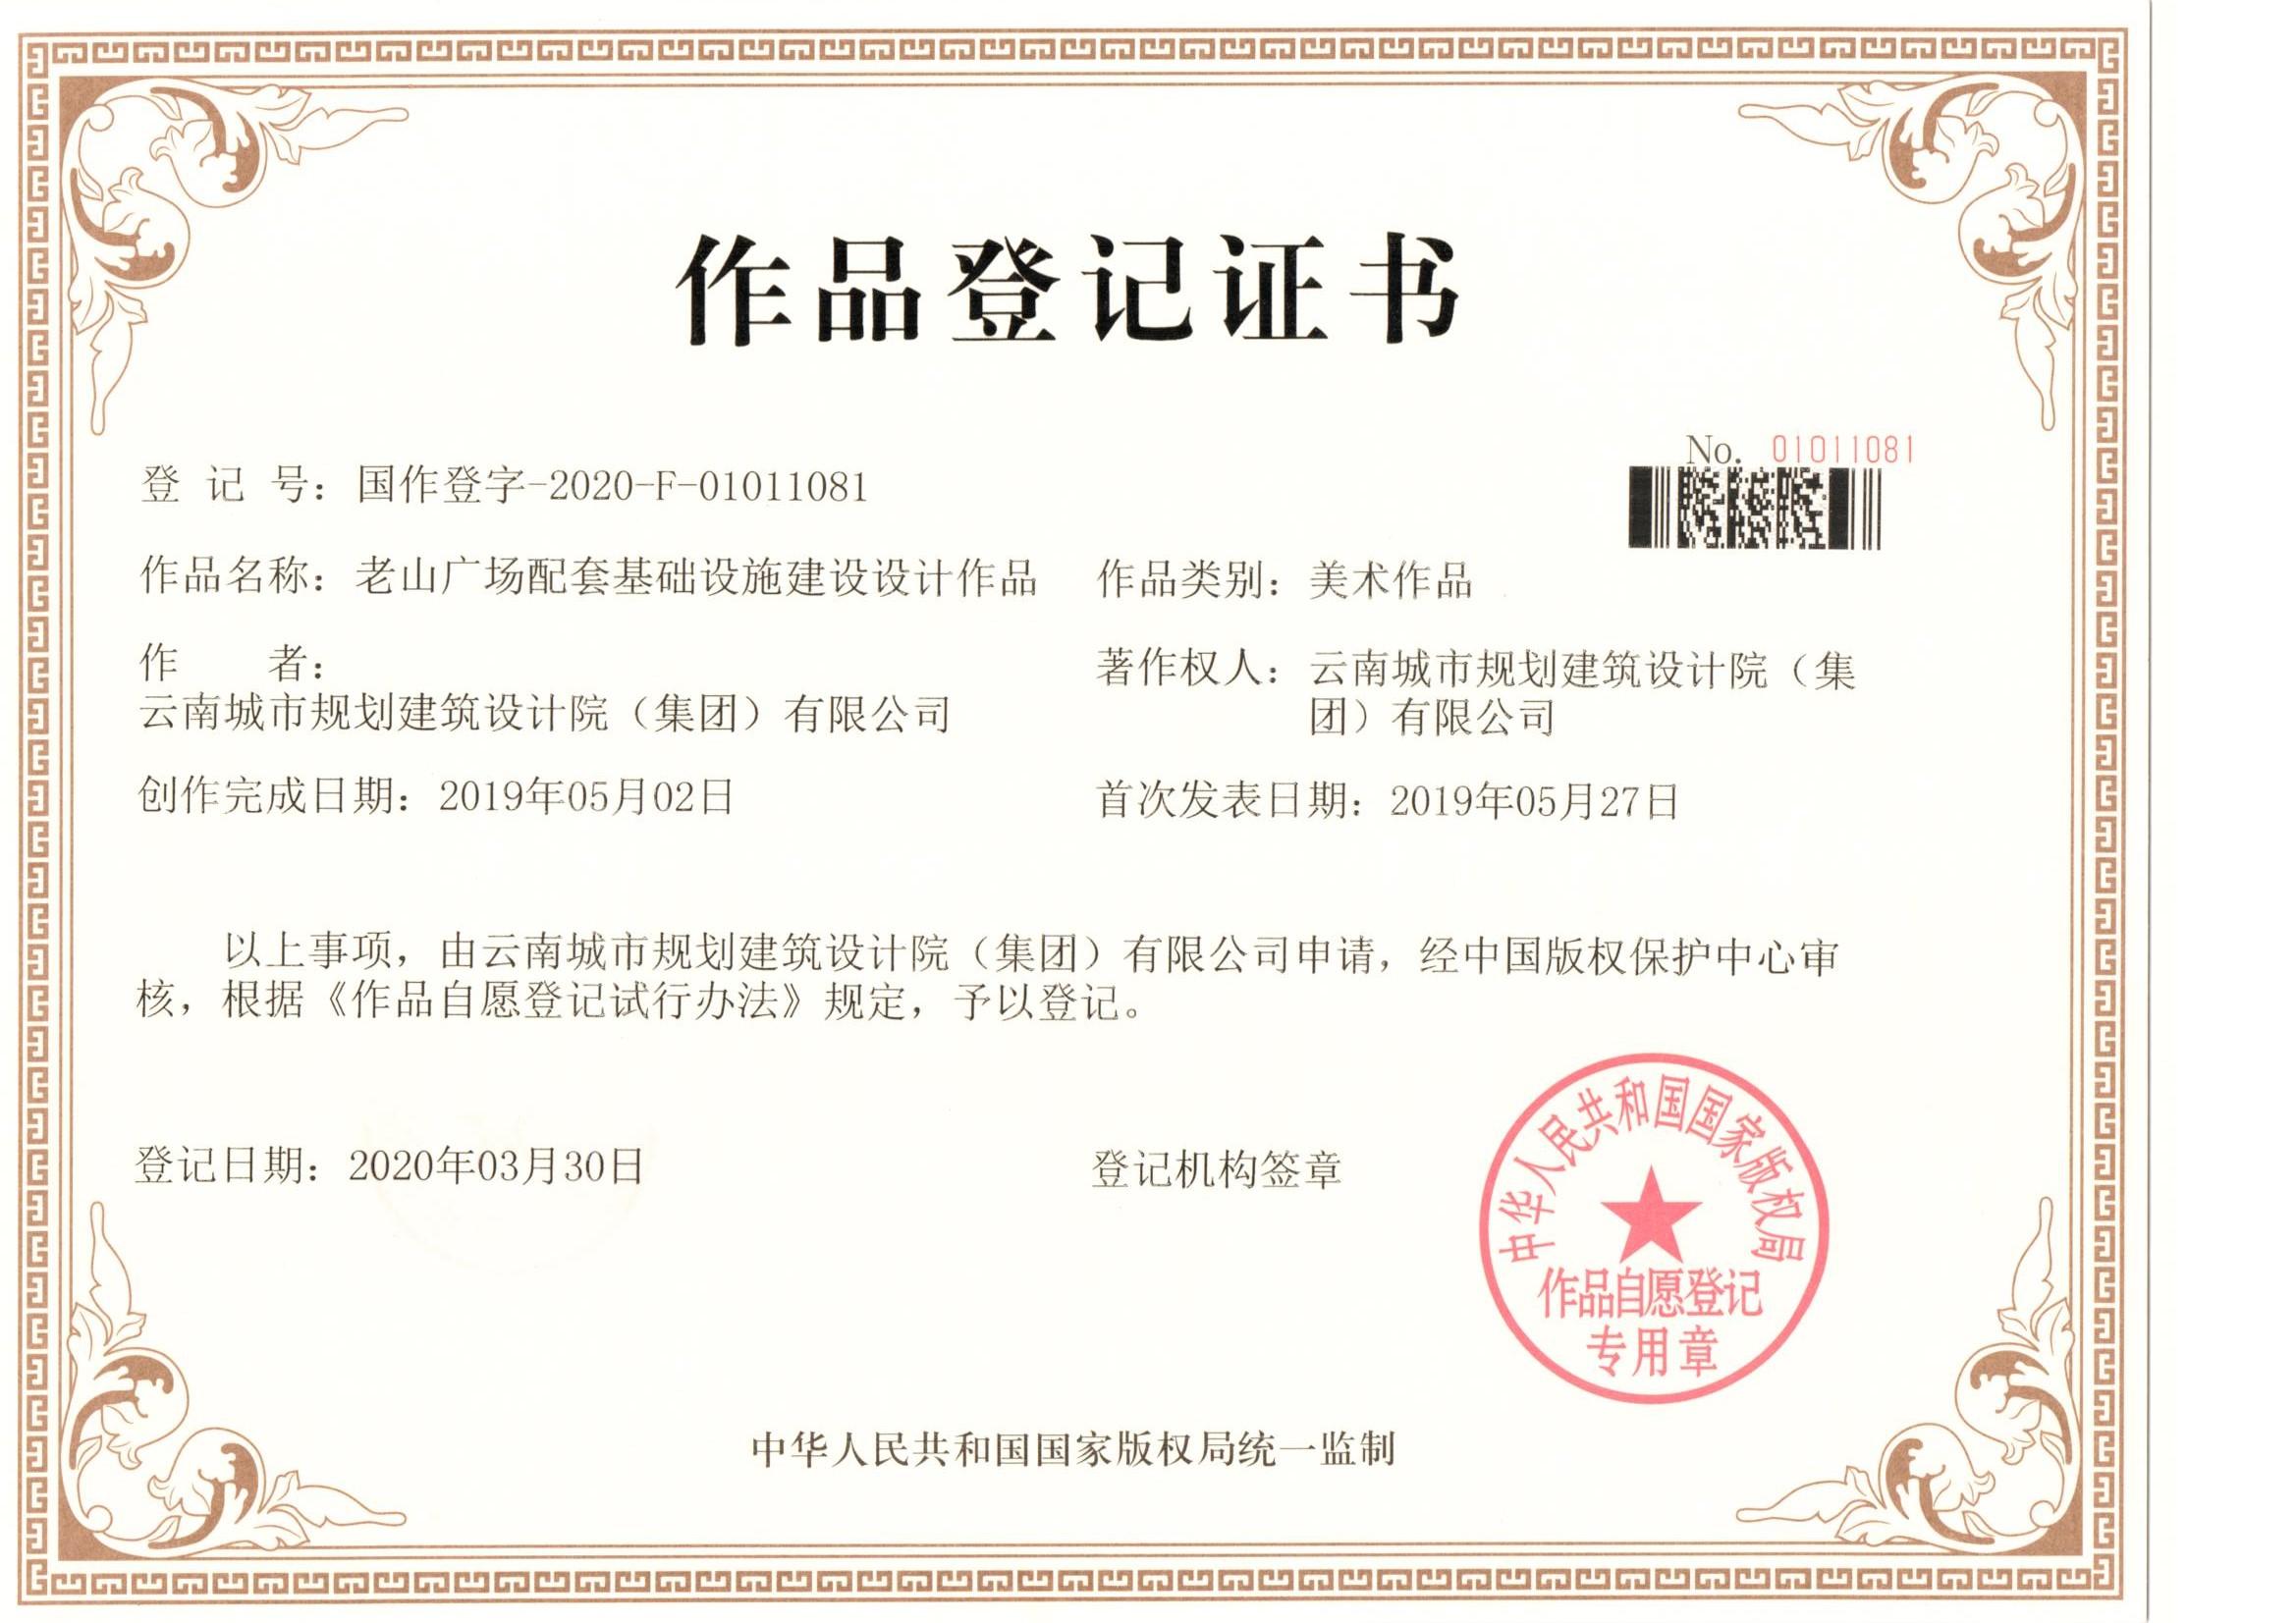 老山广场作品登记证书